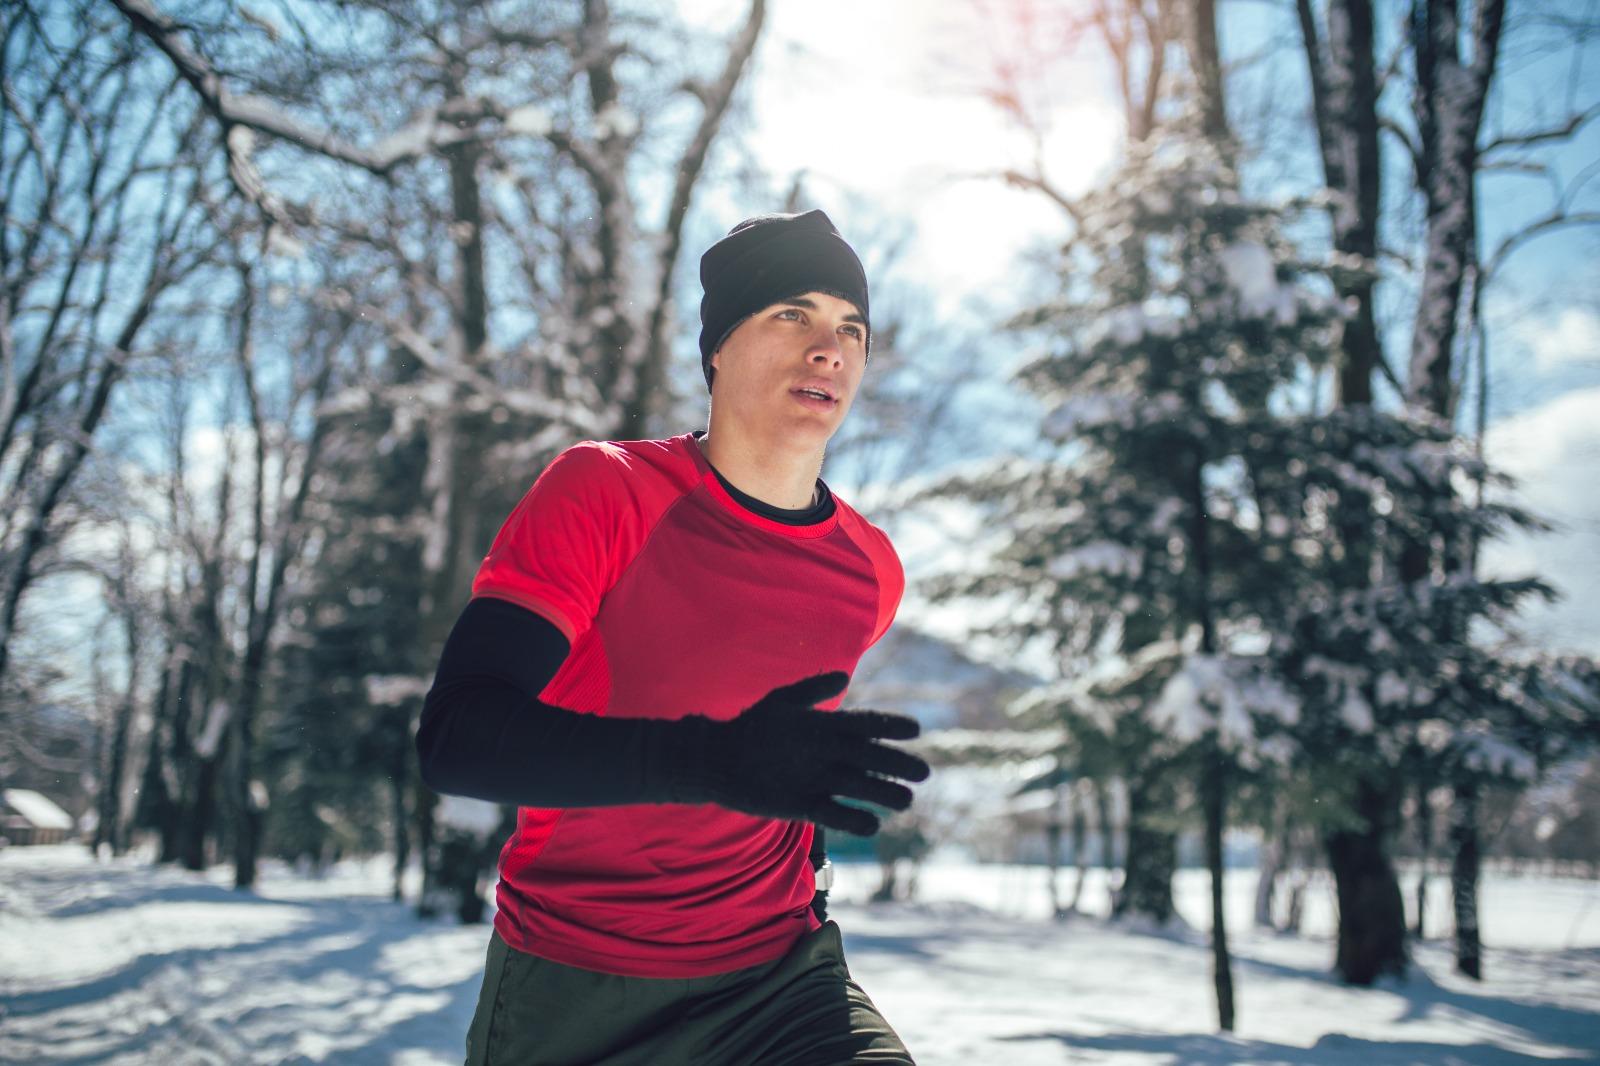 Na co byste neměli zapomenout, když běháte v zimě?